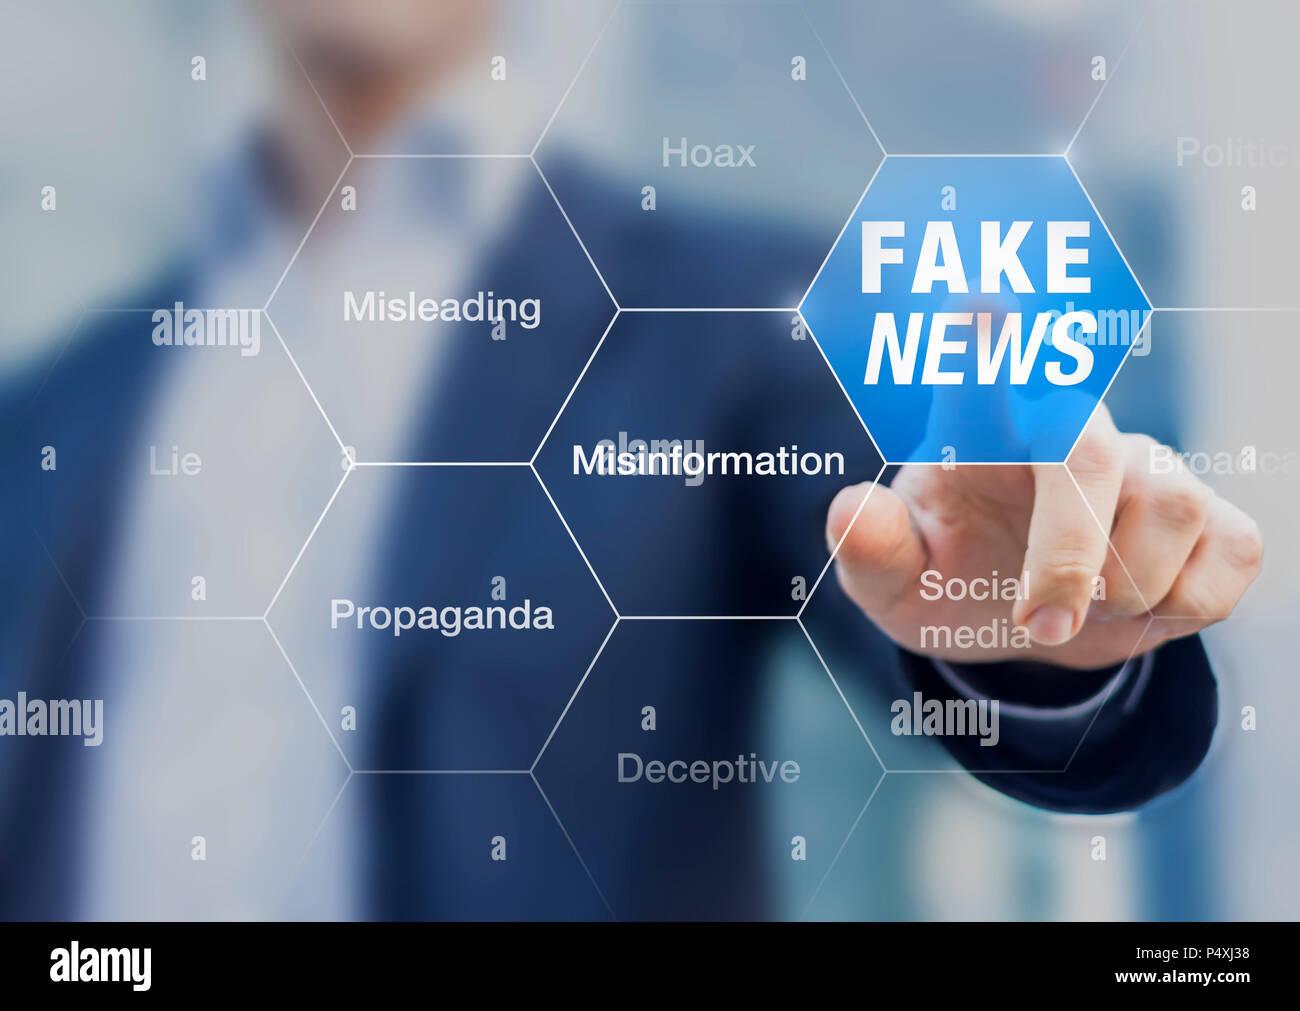 Fake News concetto con una persona che mostra fuorvianti e ingannevoli di storie, di propaganda, bugie, fabbricato fatti di controllare o manipolare l'opinione pubblica su internet Immagini Stock